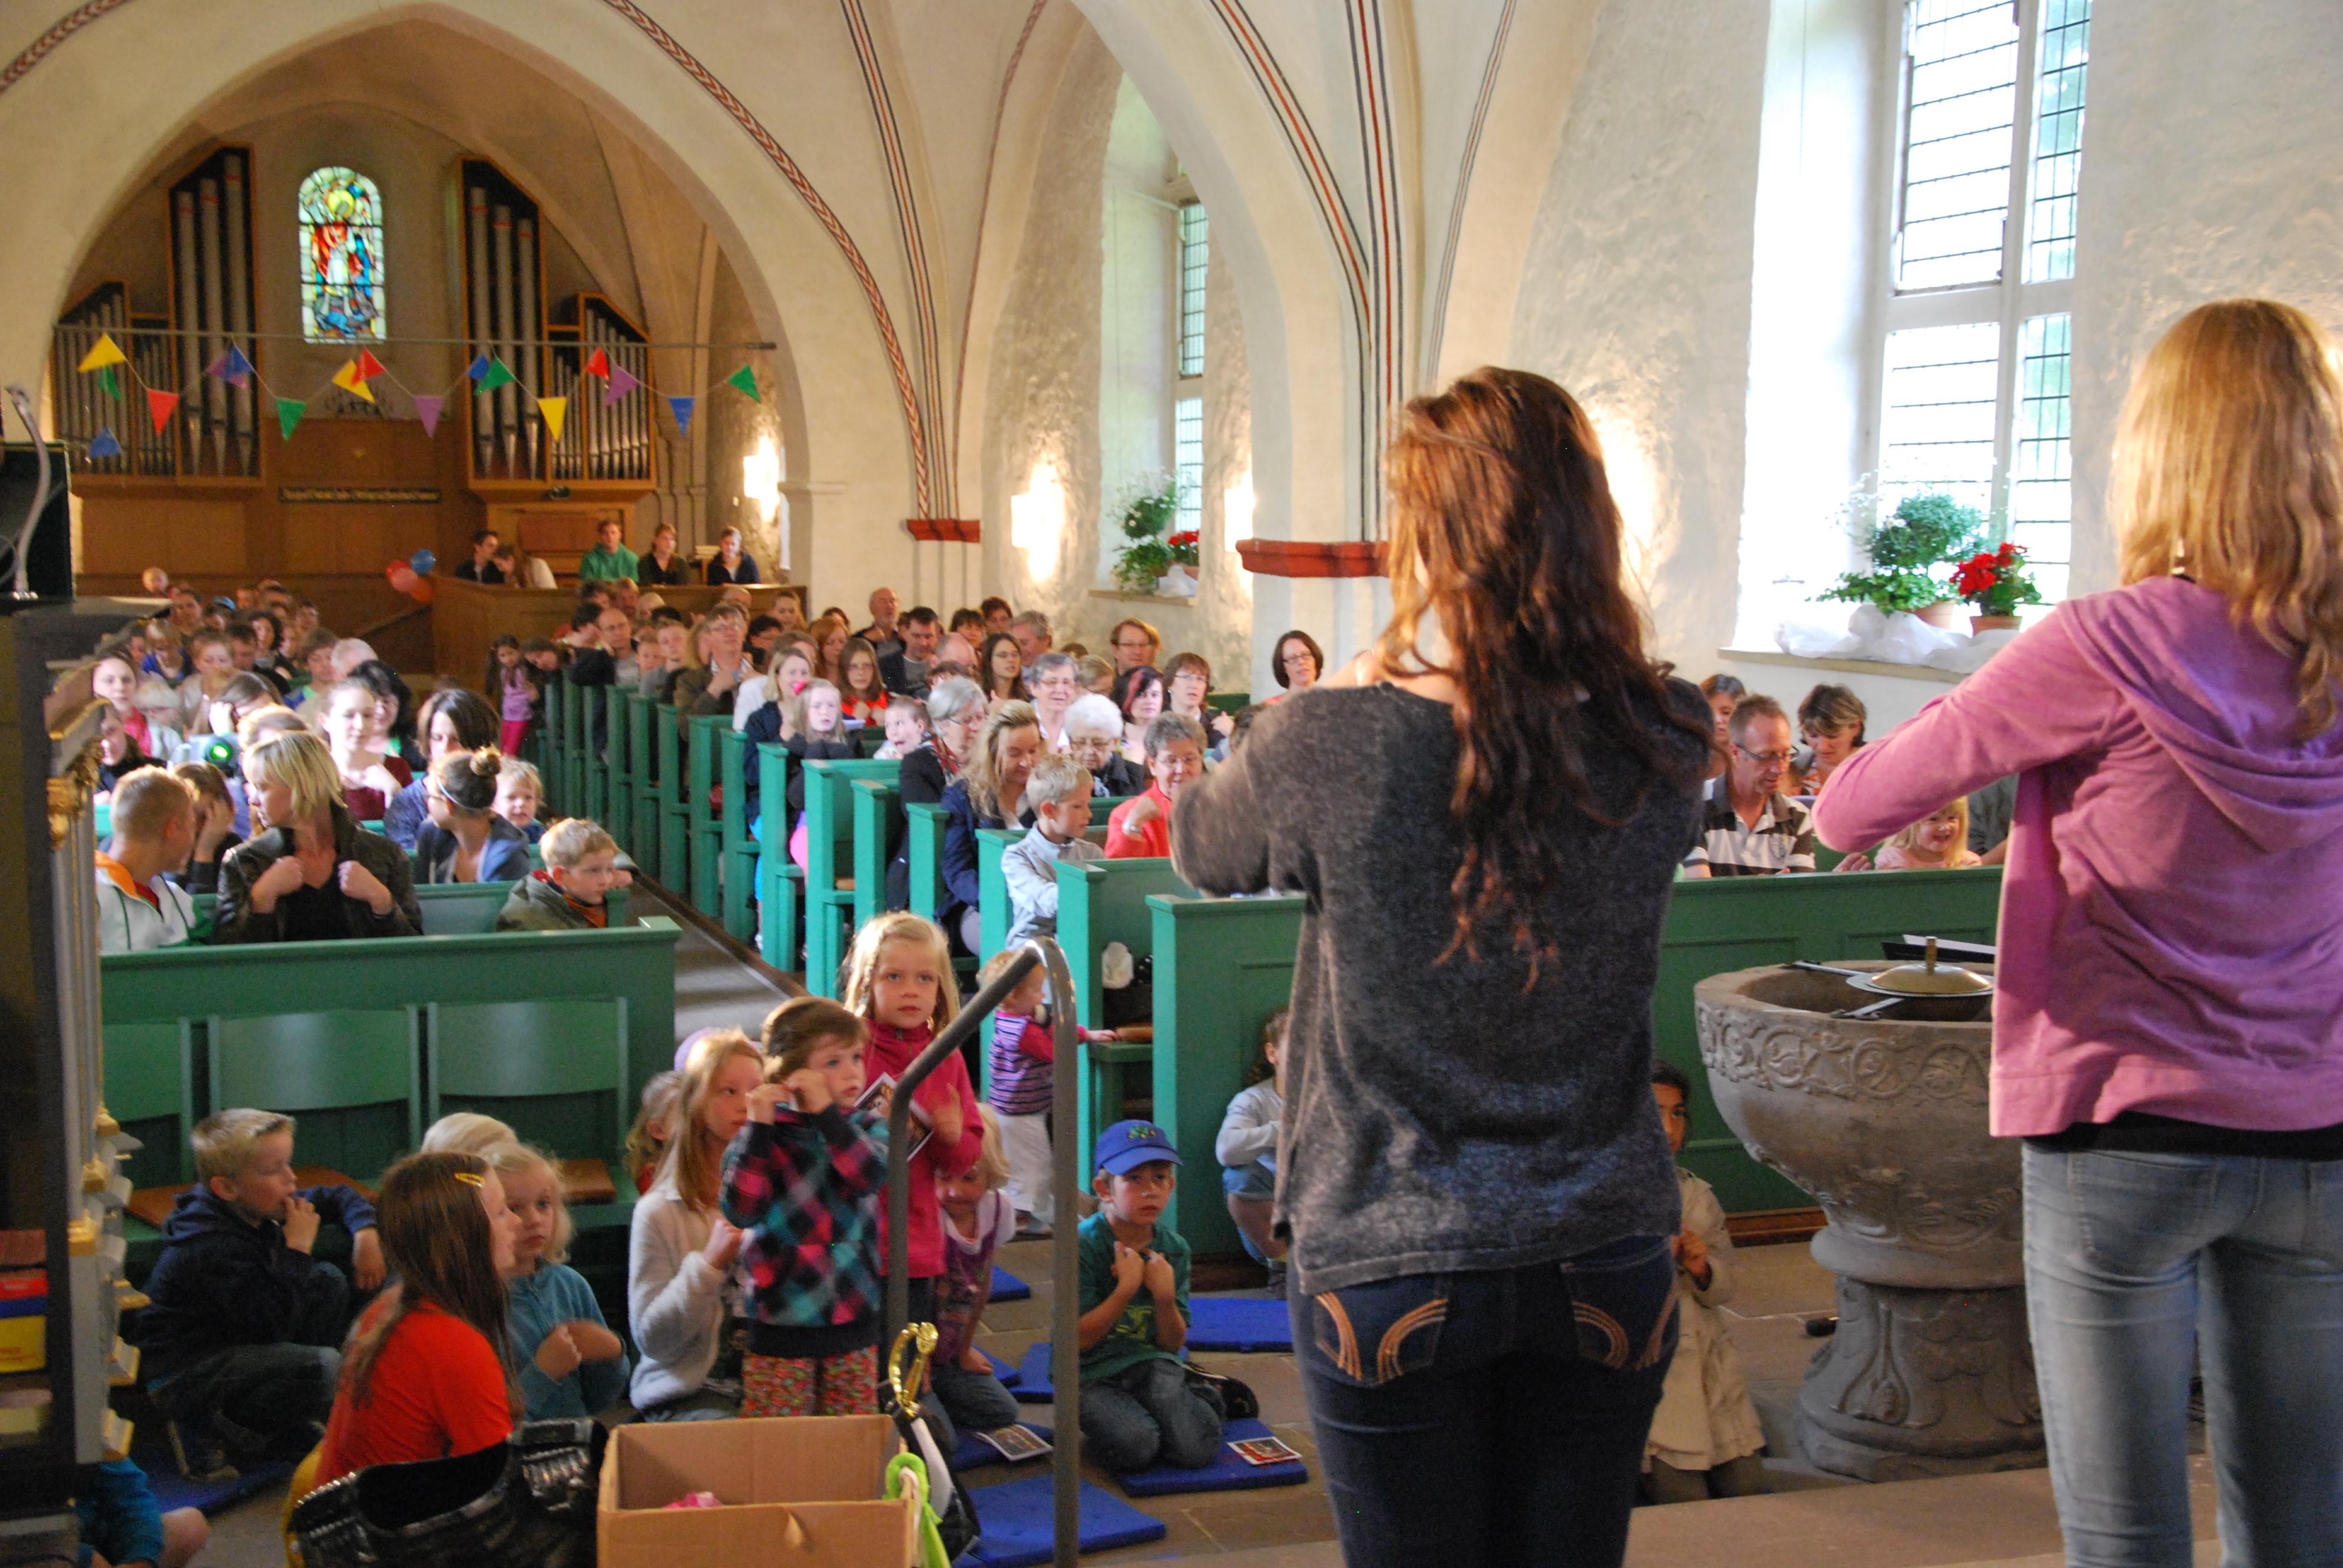 Mitmachlieder beim Kinderkirchentag in der Kirche. Teamer machen Bewegungen für die Gemeinde vor.